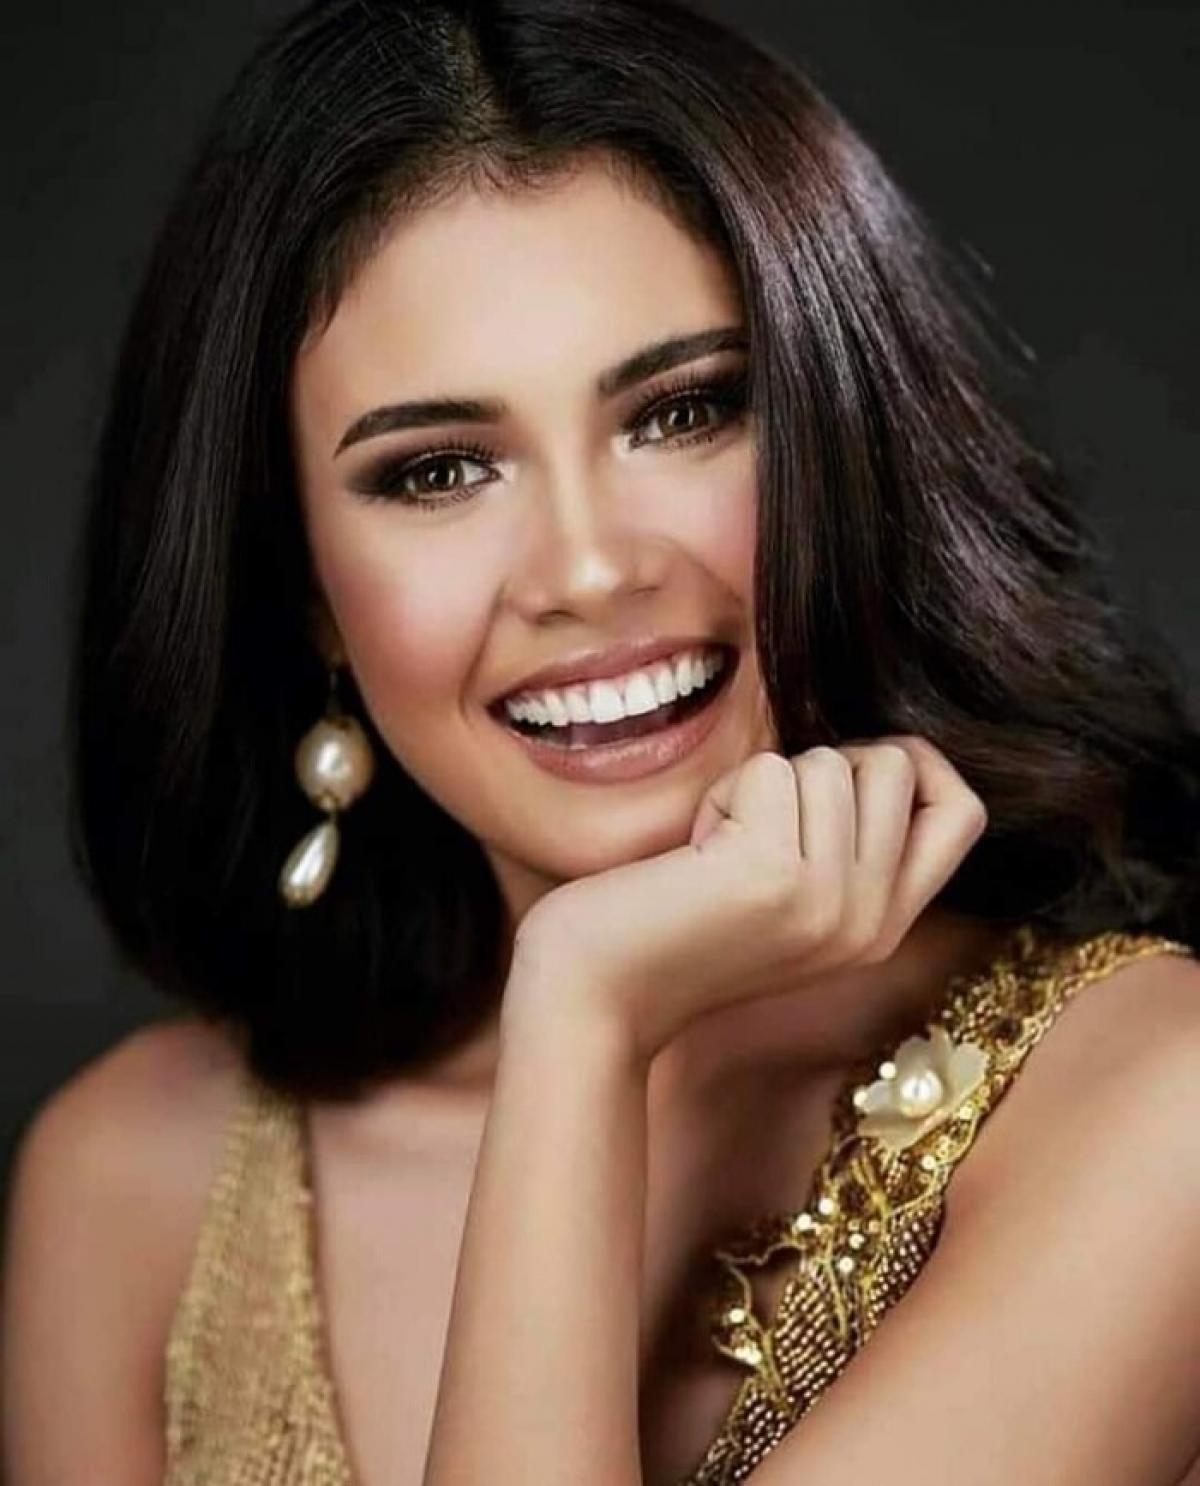 """Với sứ mệnh của hoa hậu trong mùa đại dịch Covid-19, người đẹp 24 tuổi trả lời:""""Là một ứng cử viên, tôi biết tôi không chỉ là bộ mặt của Thành phố Iloilo, nhưng tôi ở đây mang theo hy vọng và là biểu tượng của ánh sáng trong những thời điểm đen tối nhất."""